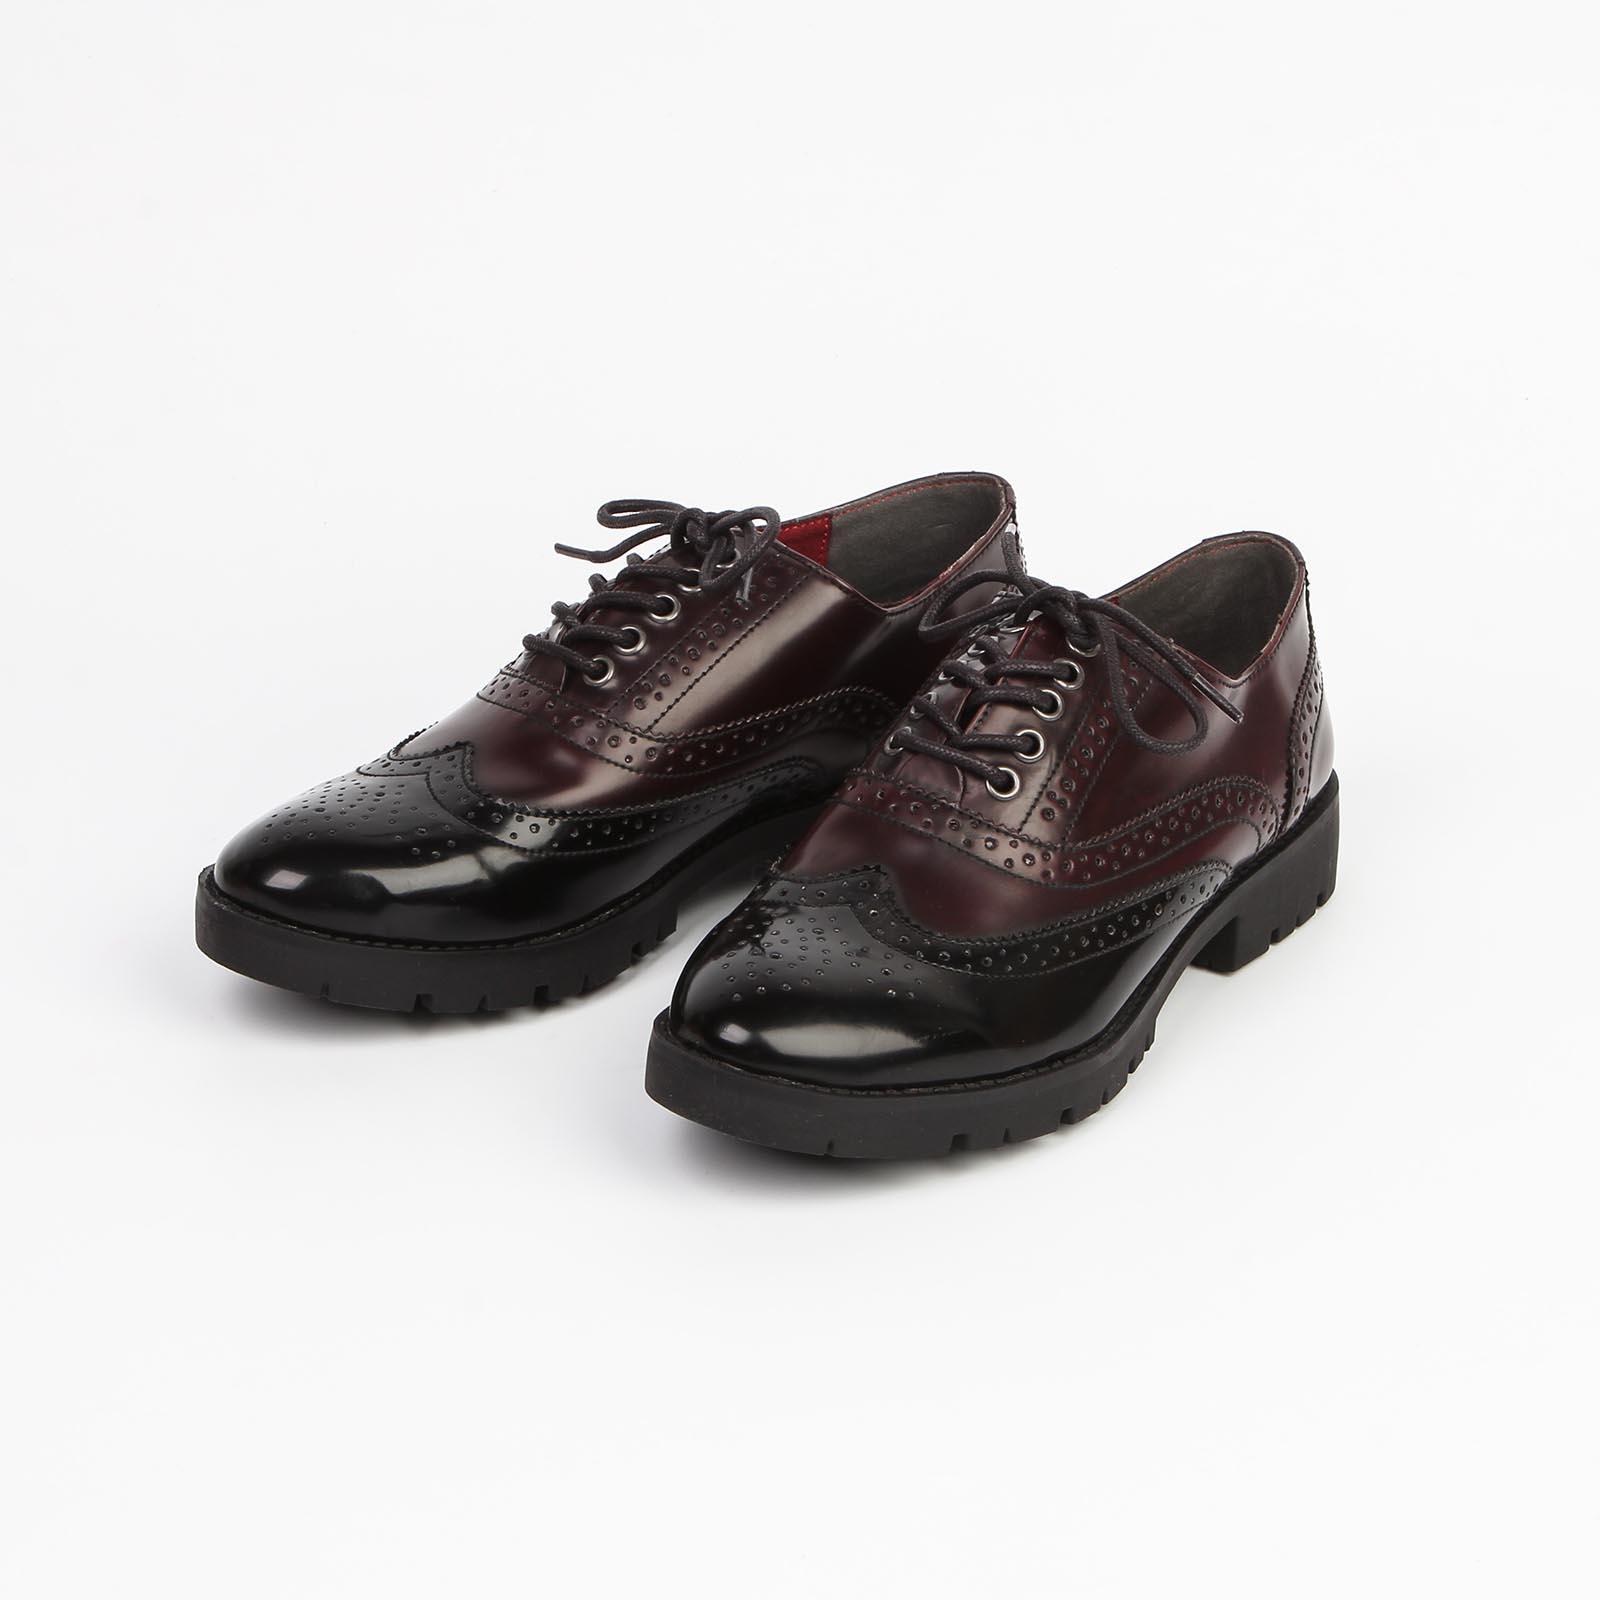 Женские ботинки с декоративной перфорацией